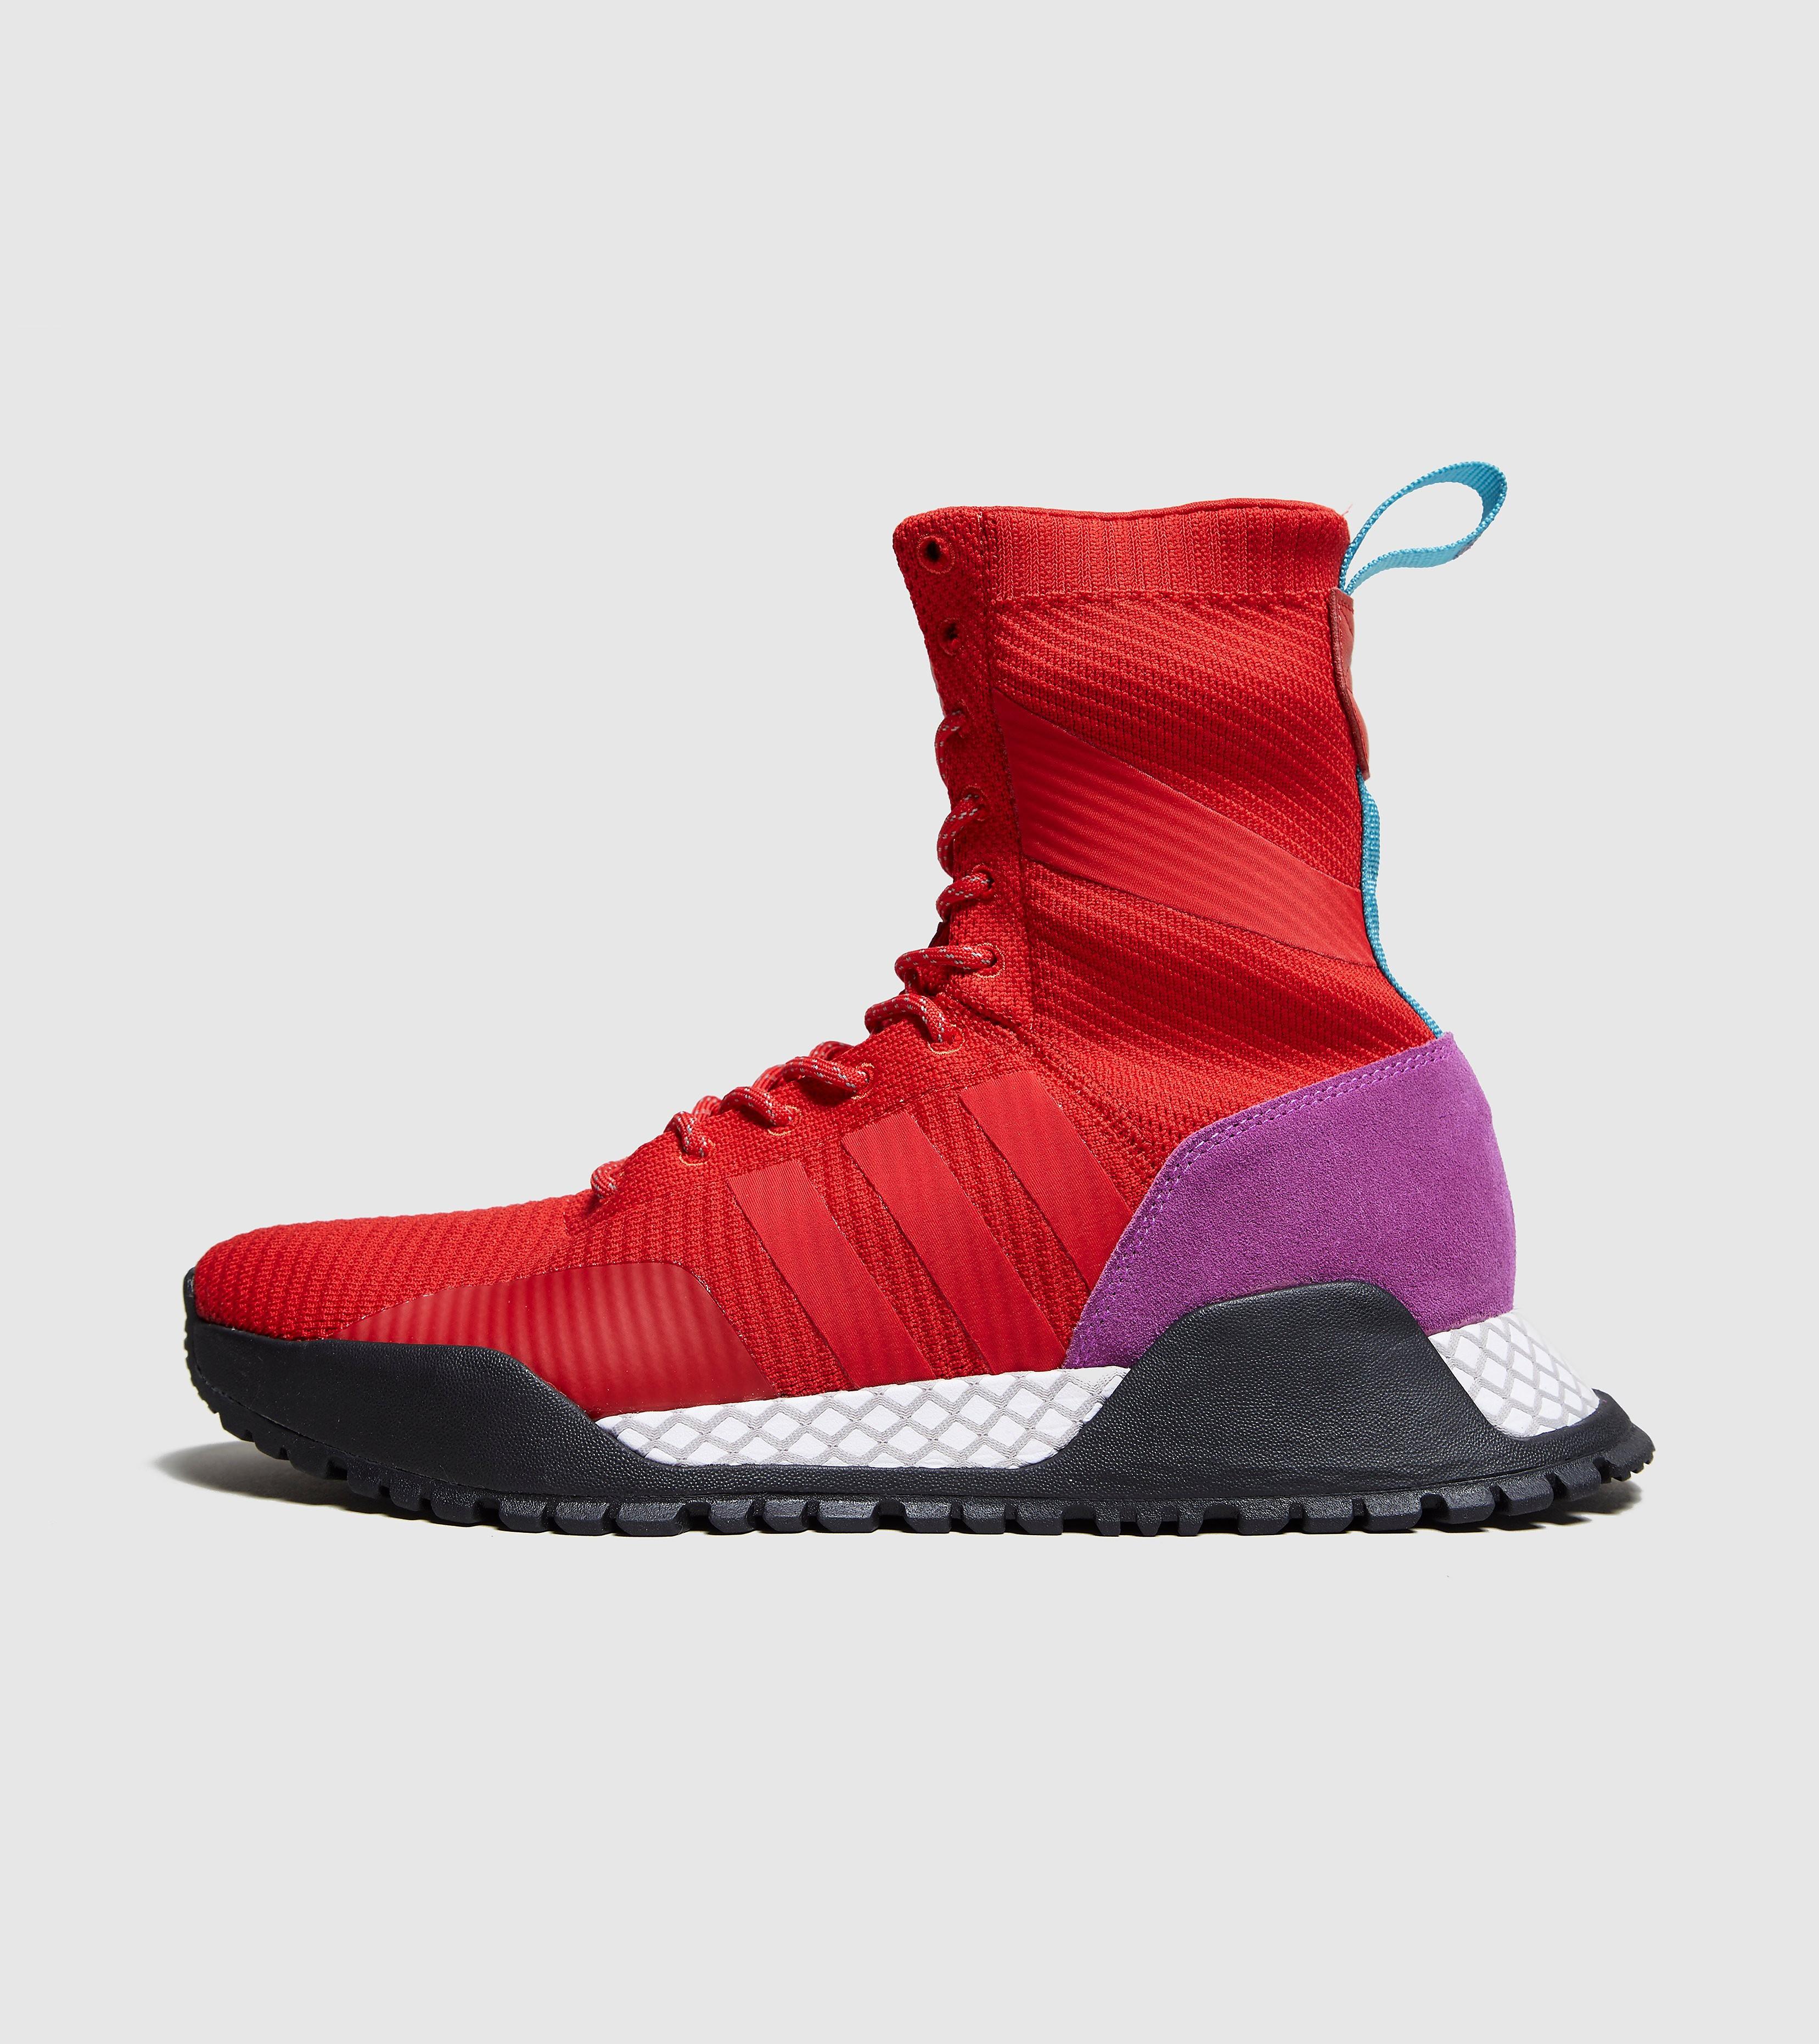 adidas Originals A.F 1.3 Primeknit Boot